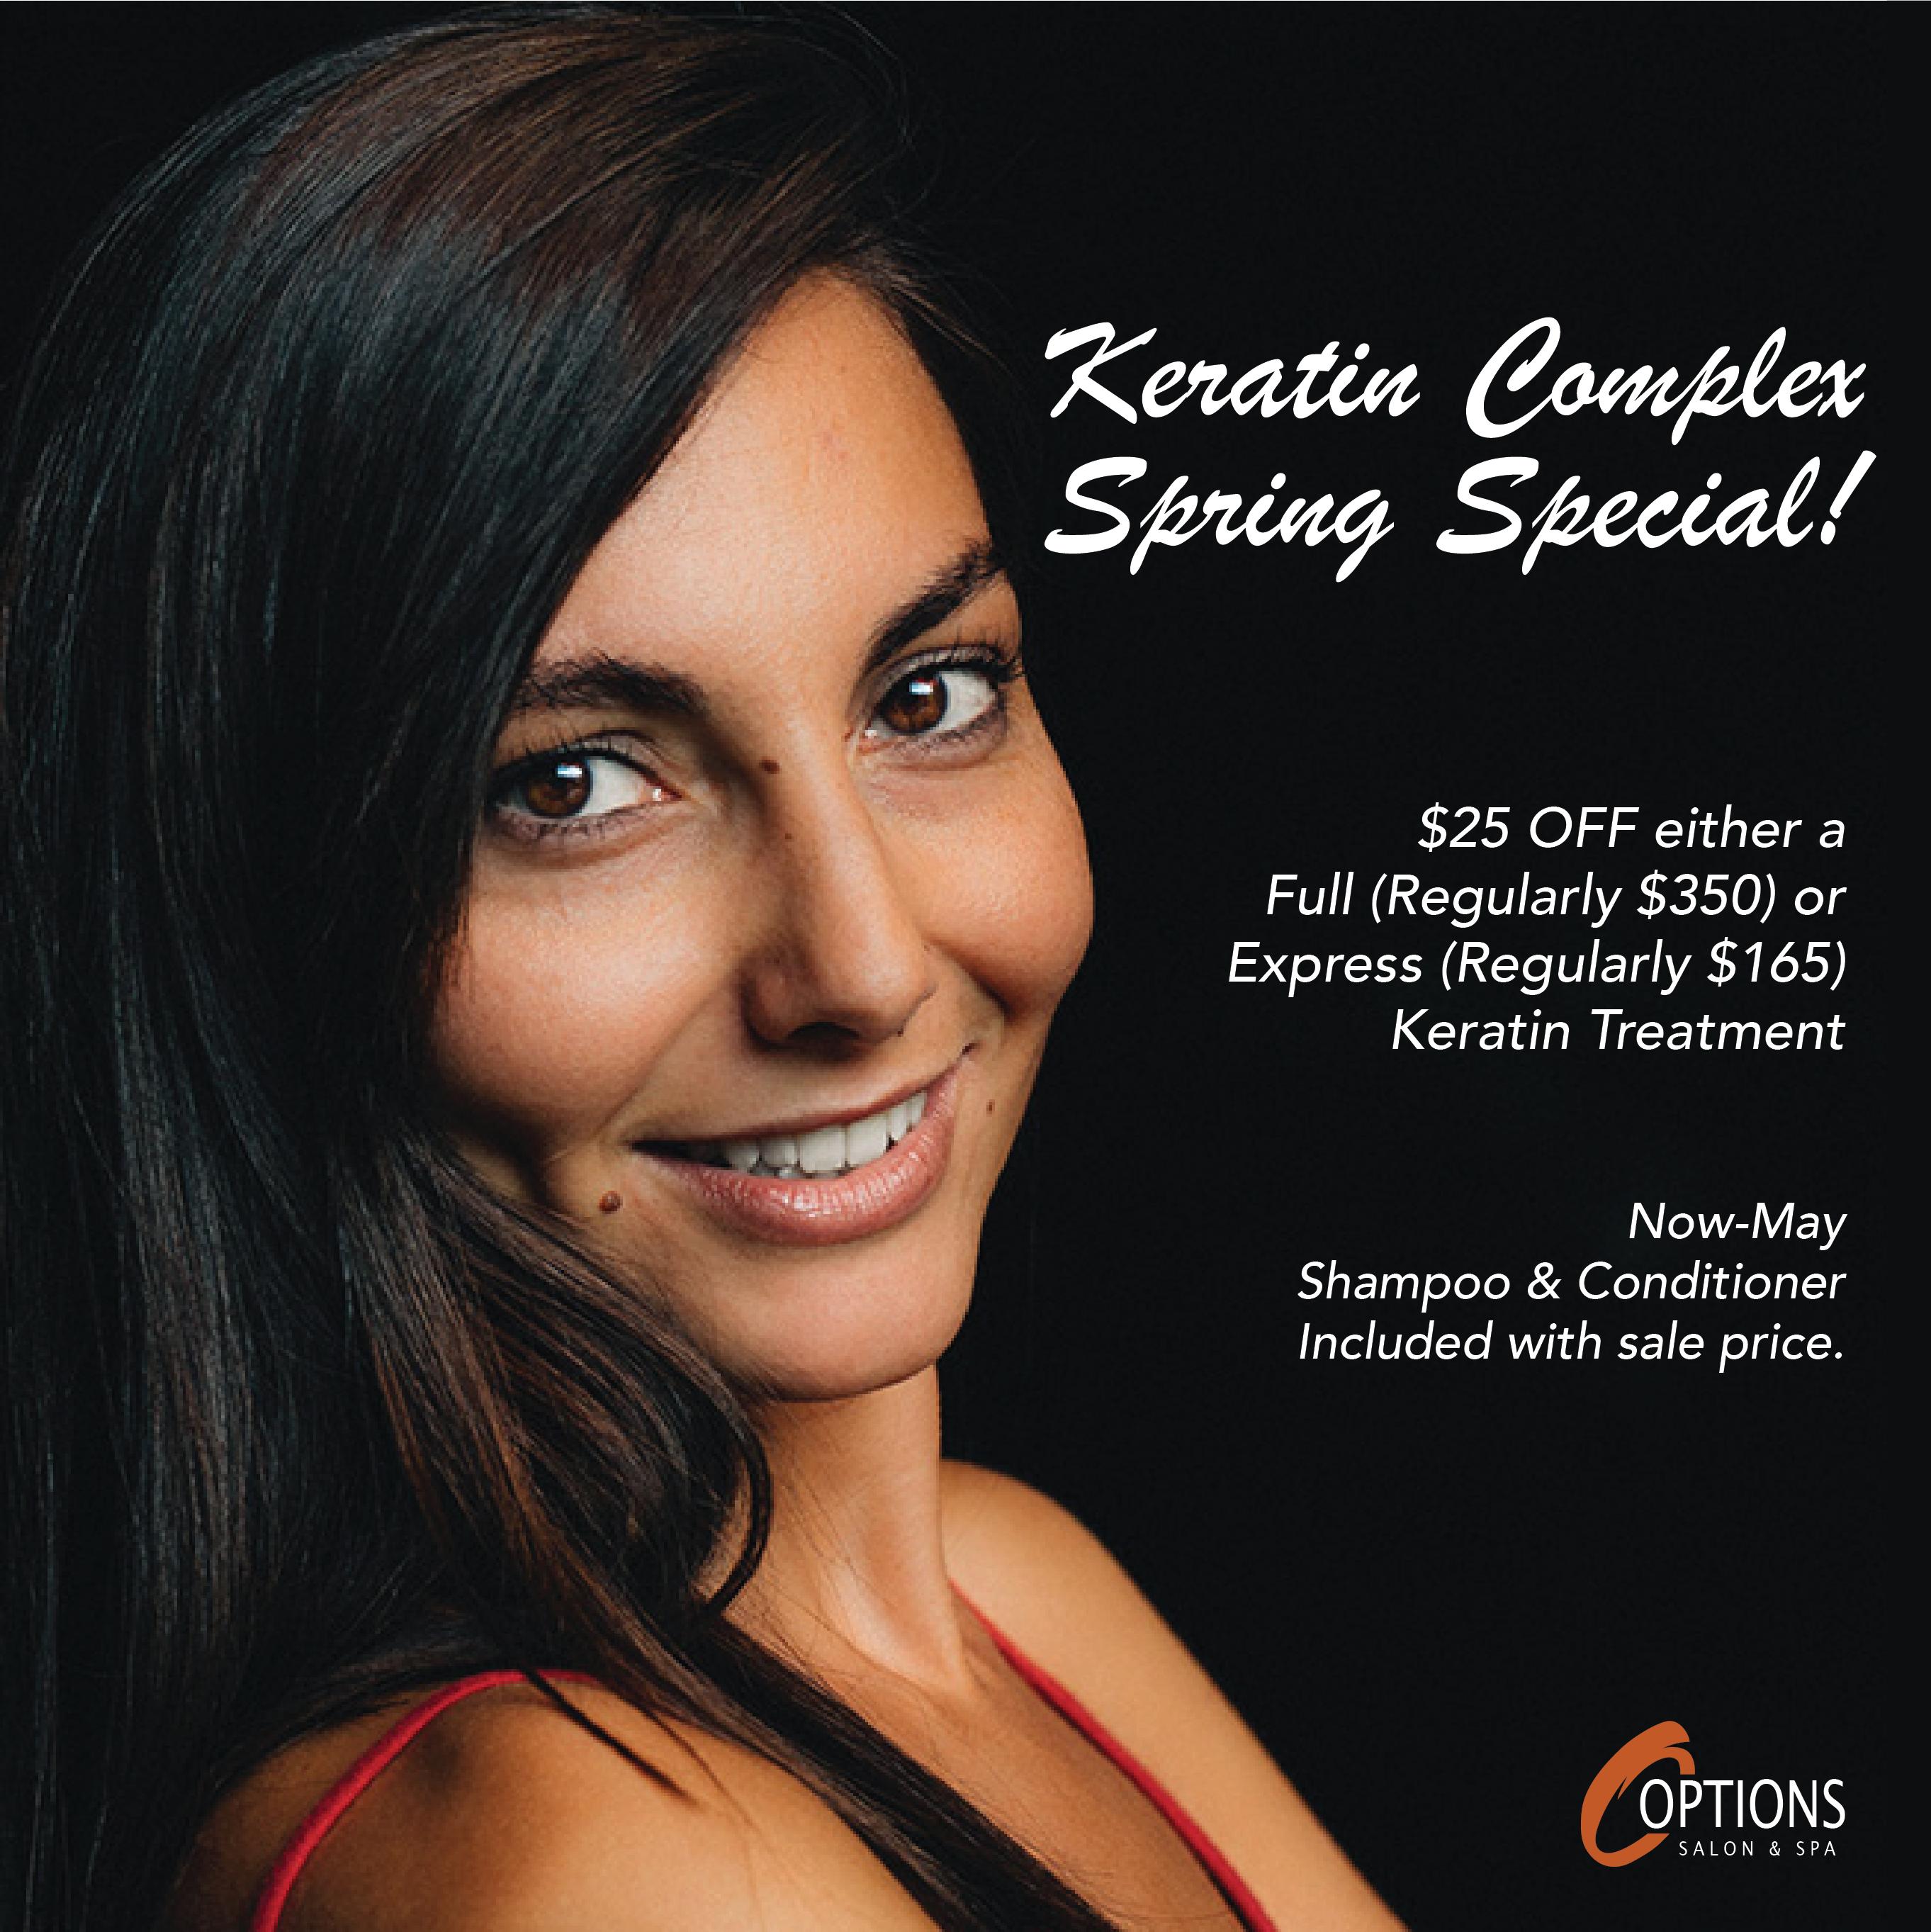 Keratin Complex Special